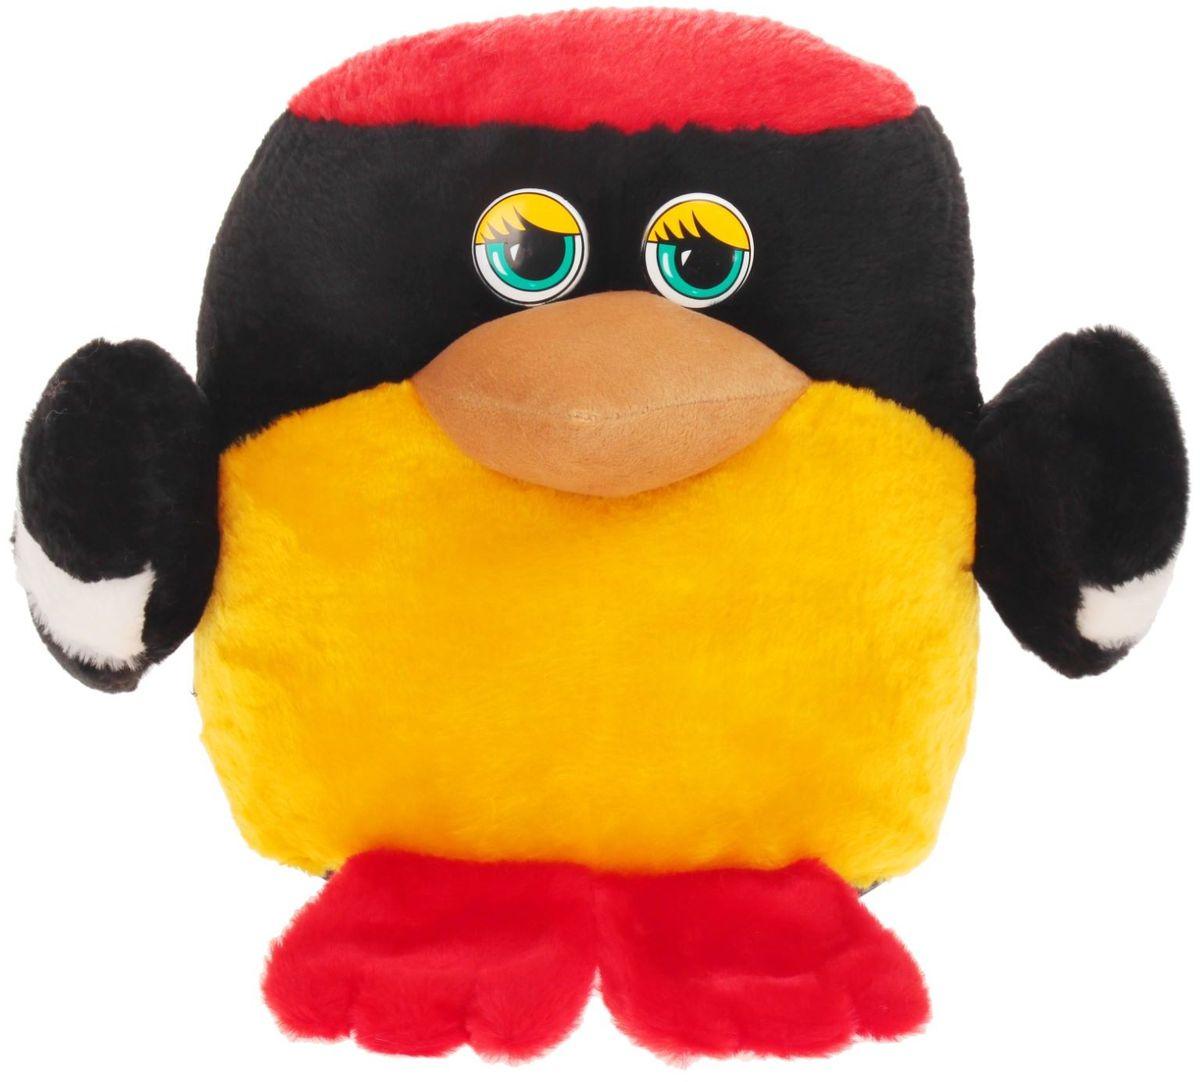 Радомир Мягкая игрушка Птица Пуф 33 см 2008893 радомир мягкая игрушка собака соня 55 см 2008906